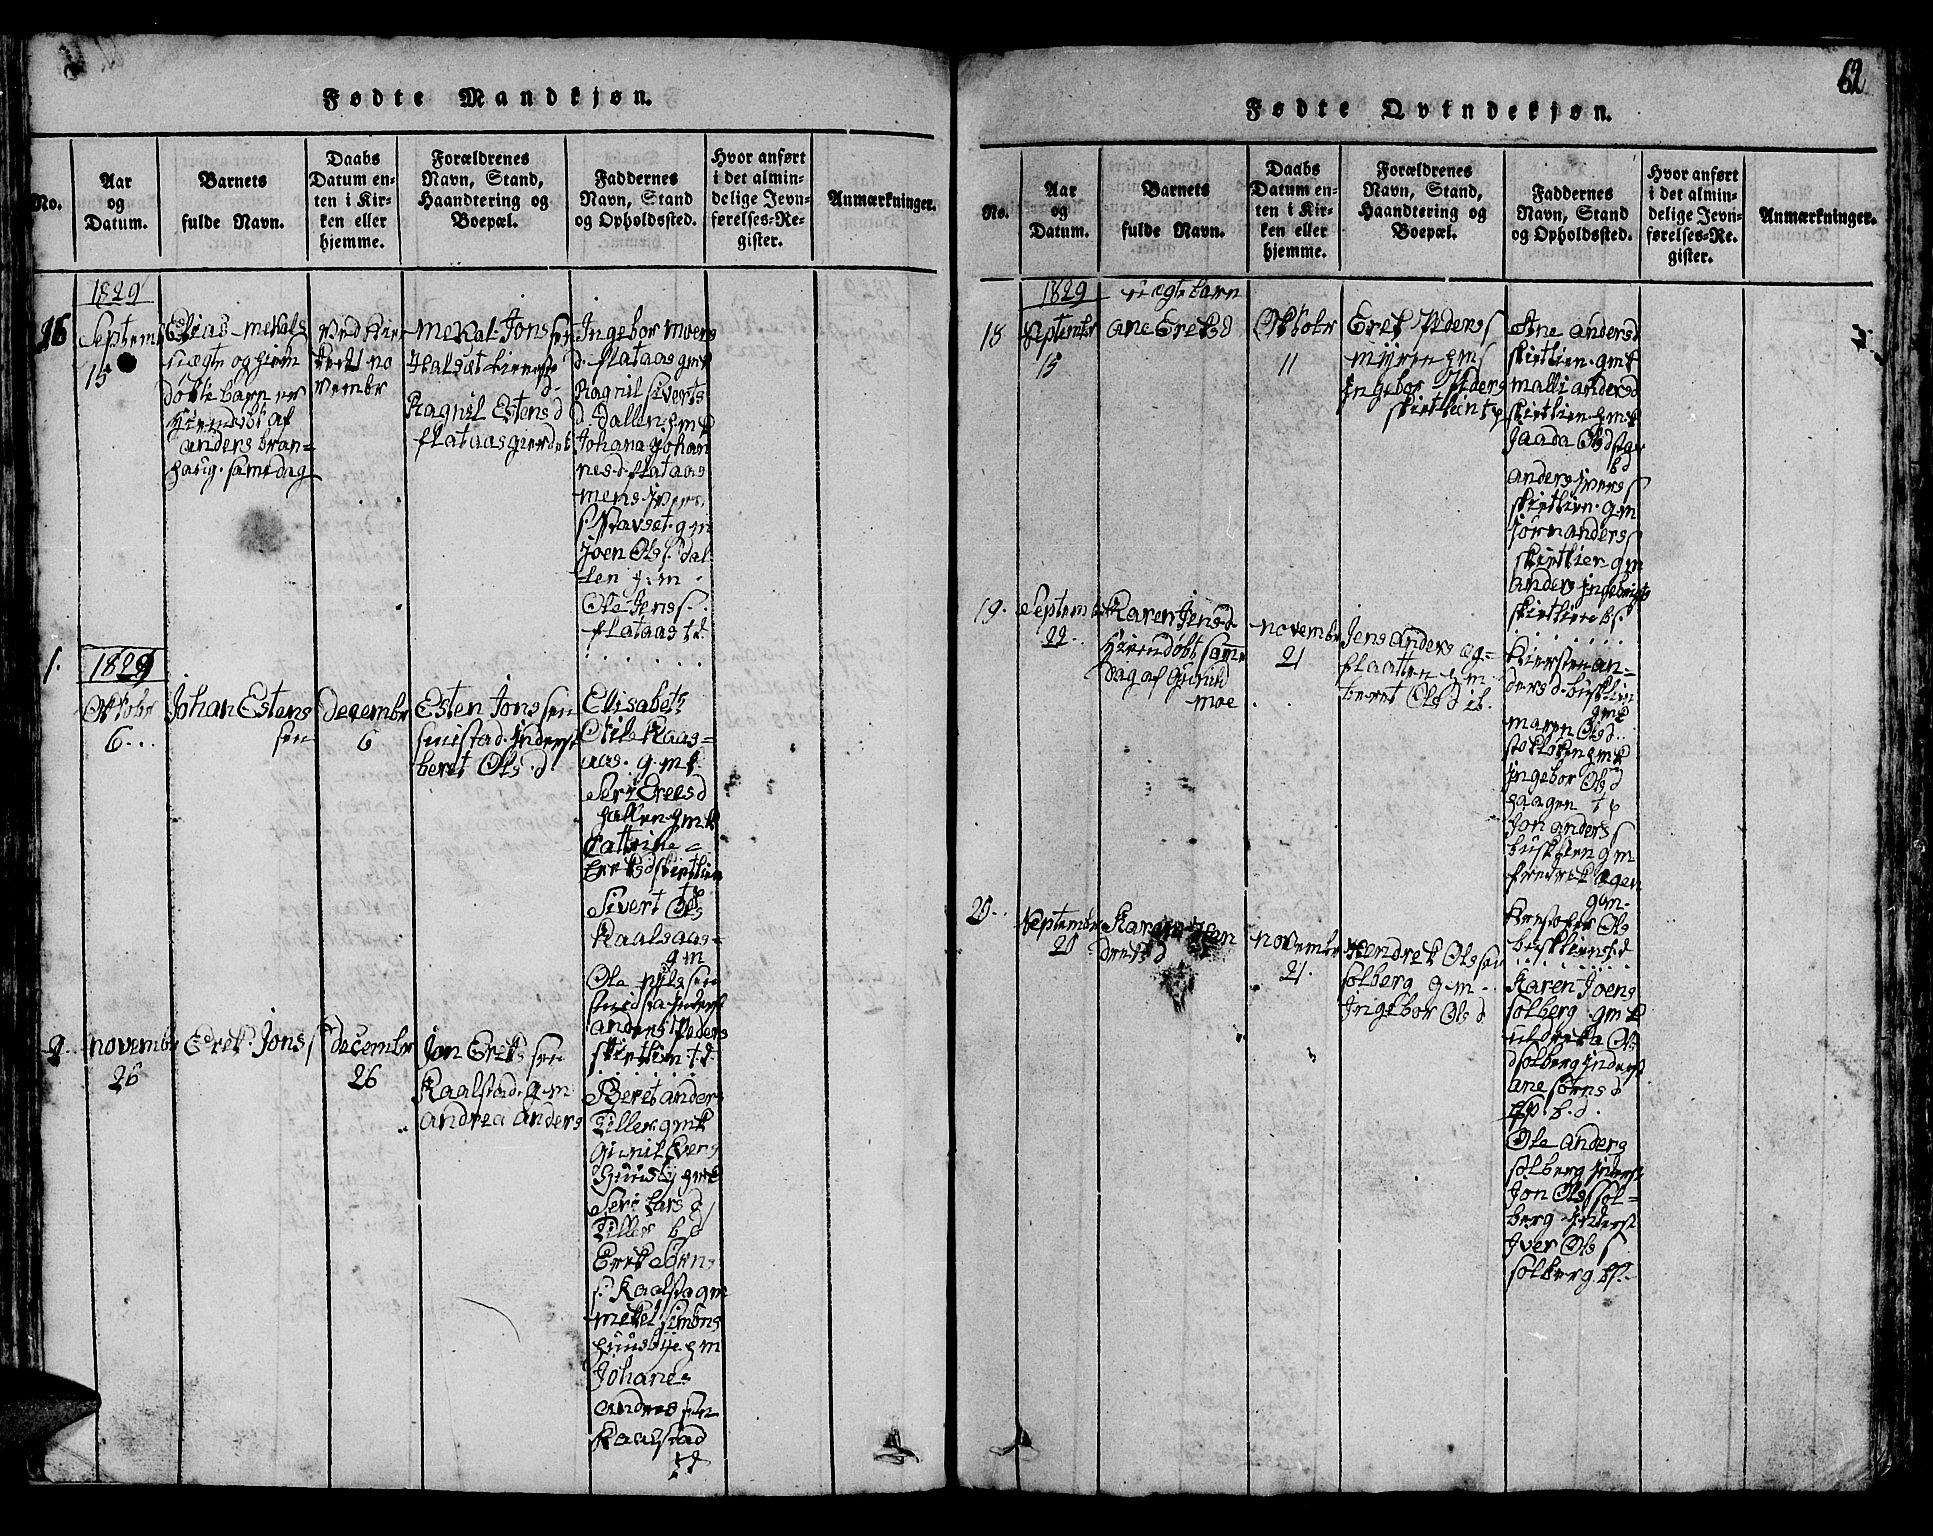 SAT, Ministerialprotokoller, klokkerbøker og fødselsregistre - Sør-Trøndelag, 613/L0393: Klokkerbok nr. 613C01, 1816-1886, s. 62